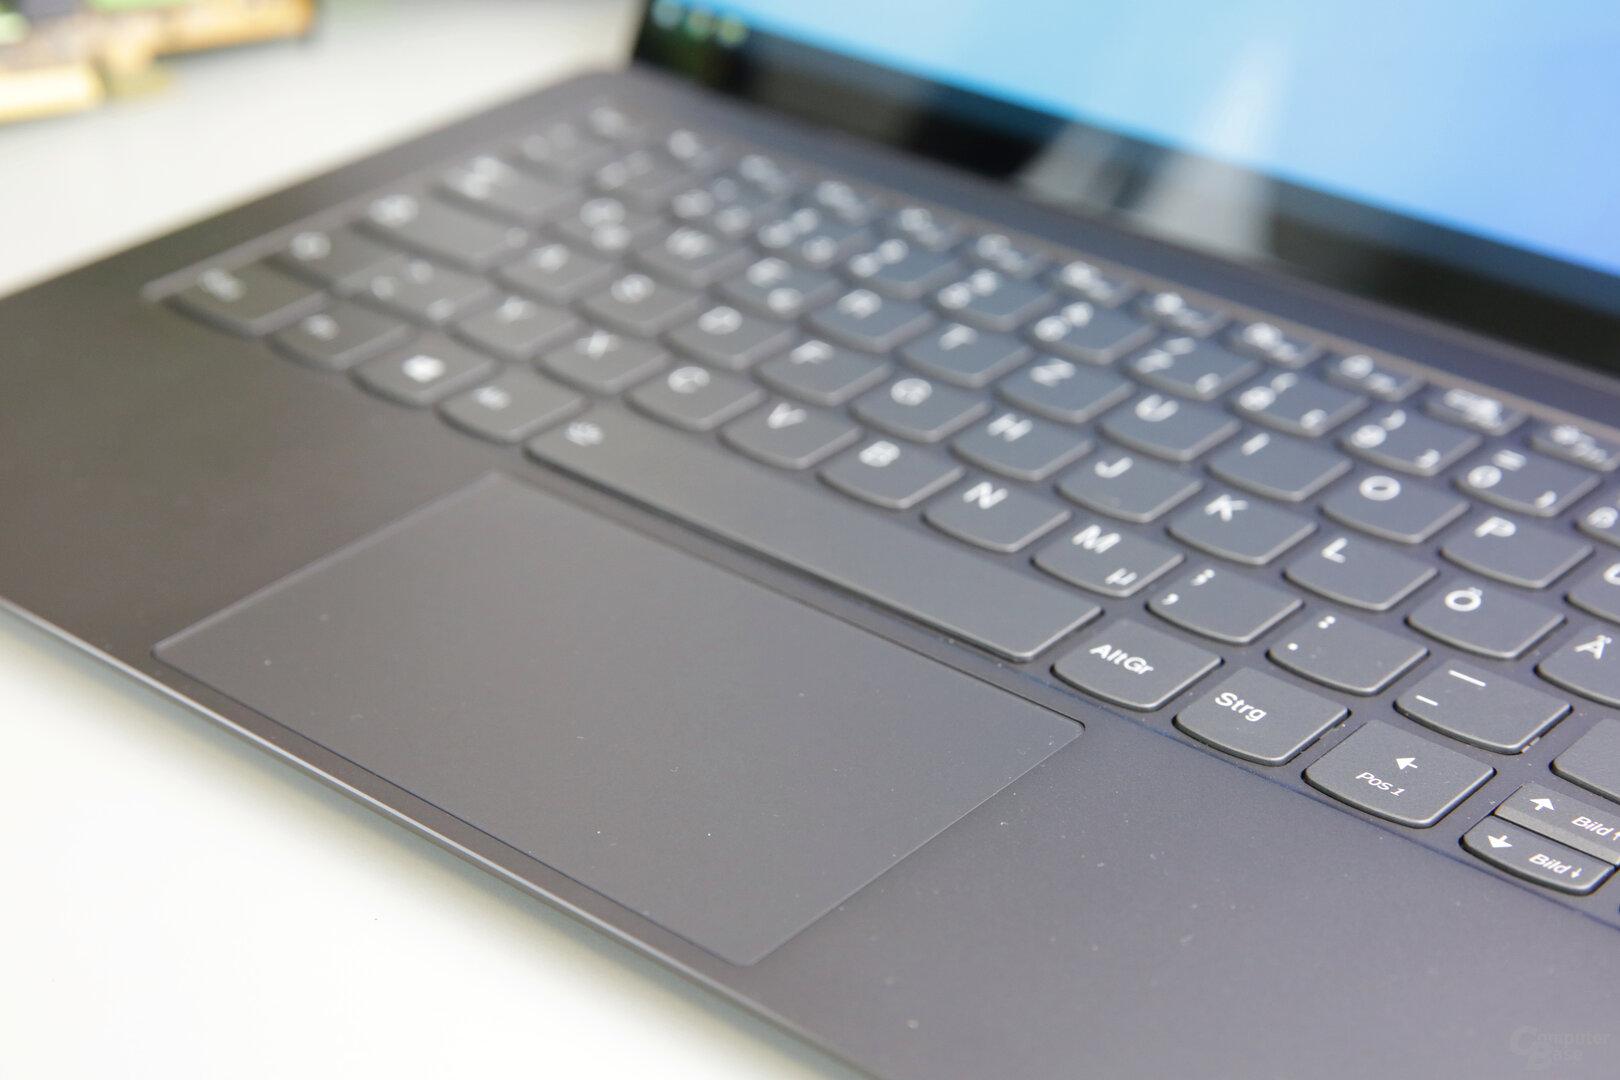 Großes Touchpad mit guten Gleiteigenschaften